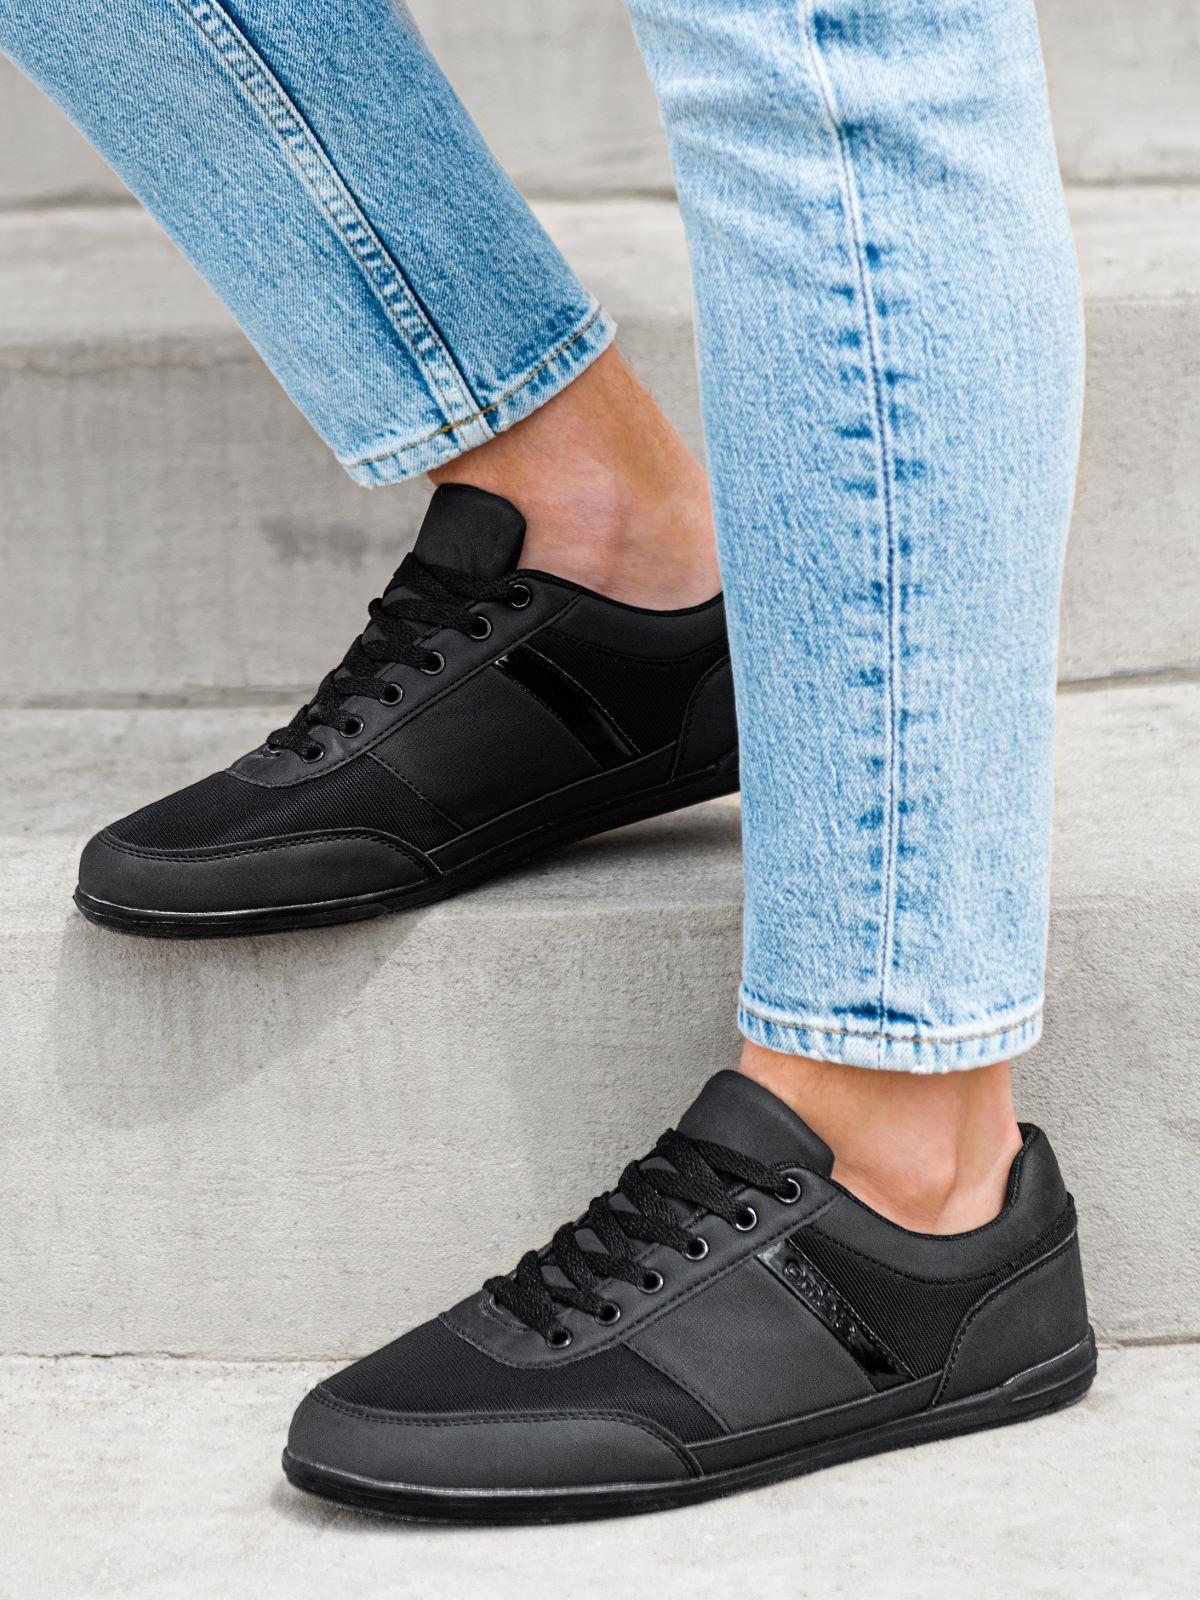 Buty męskie sneakersy T338 - czarne